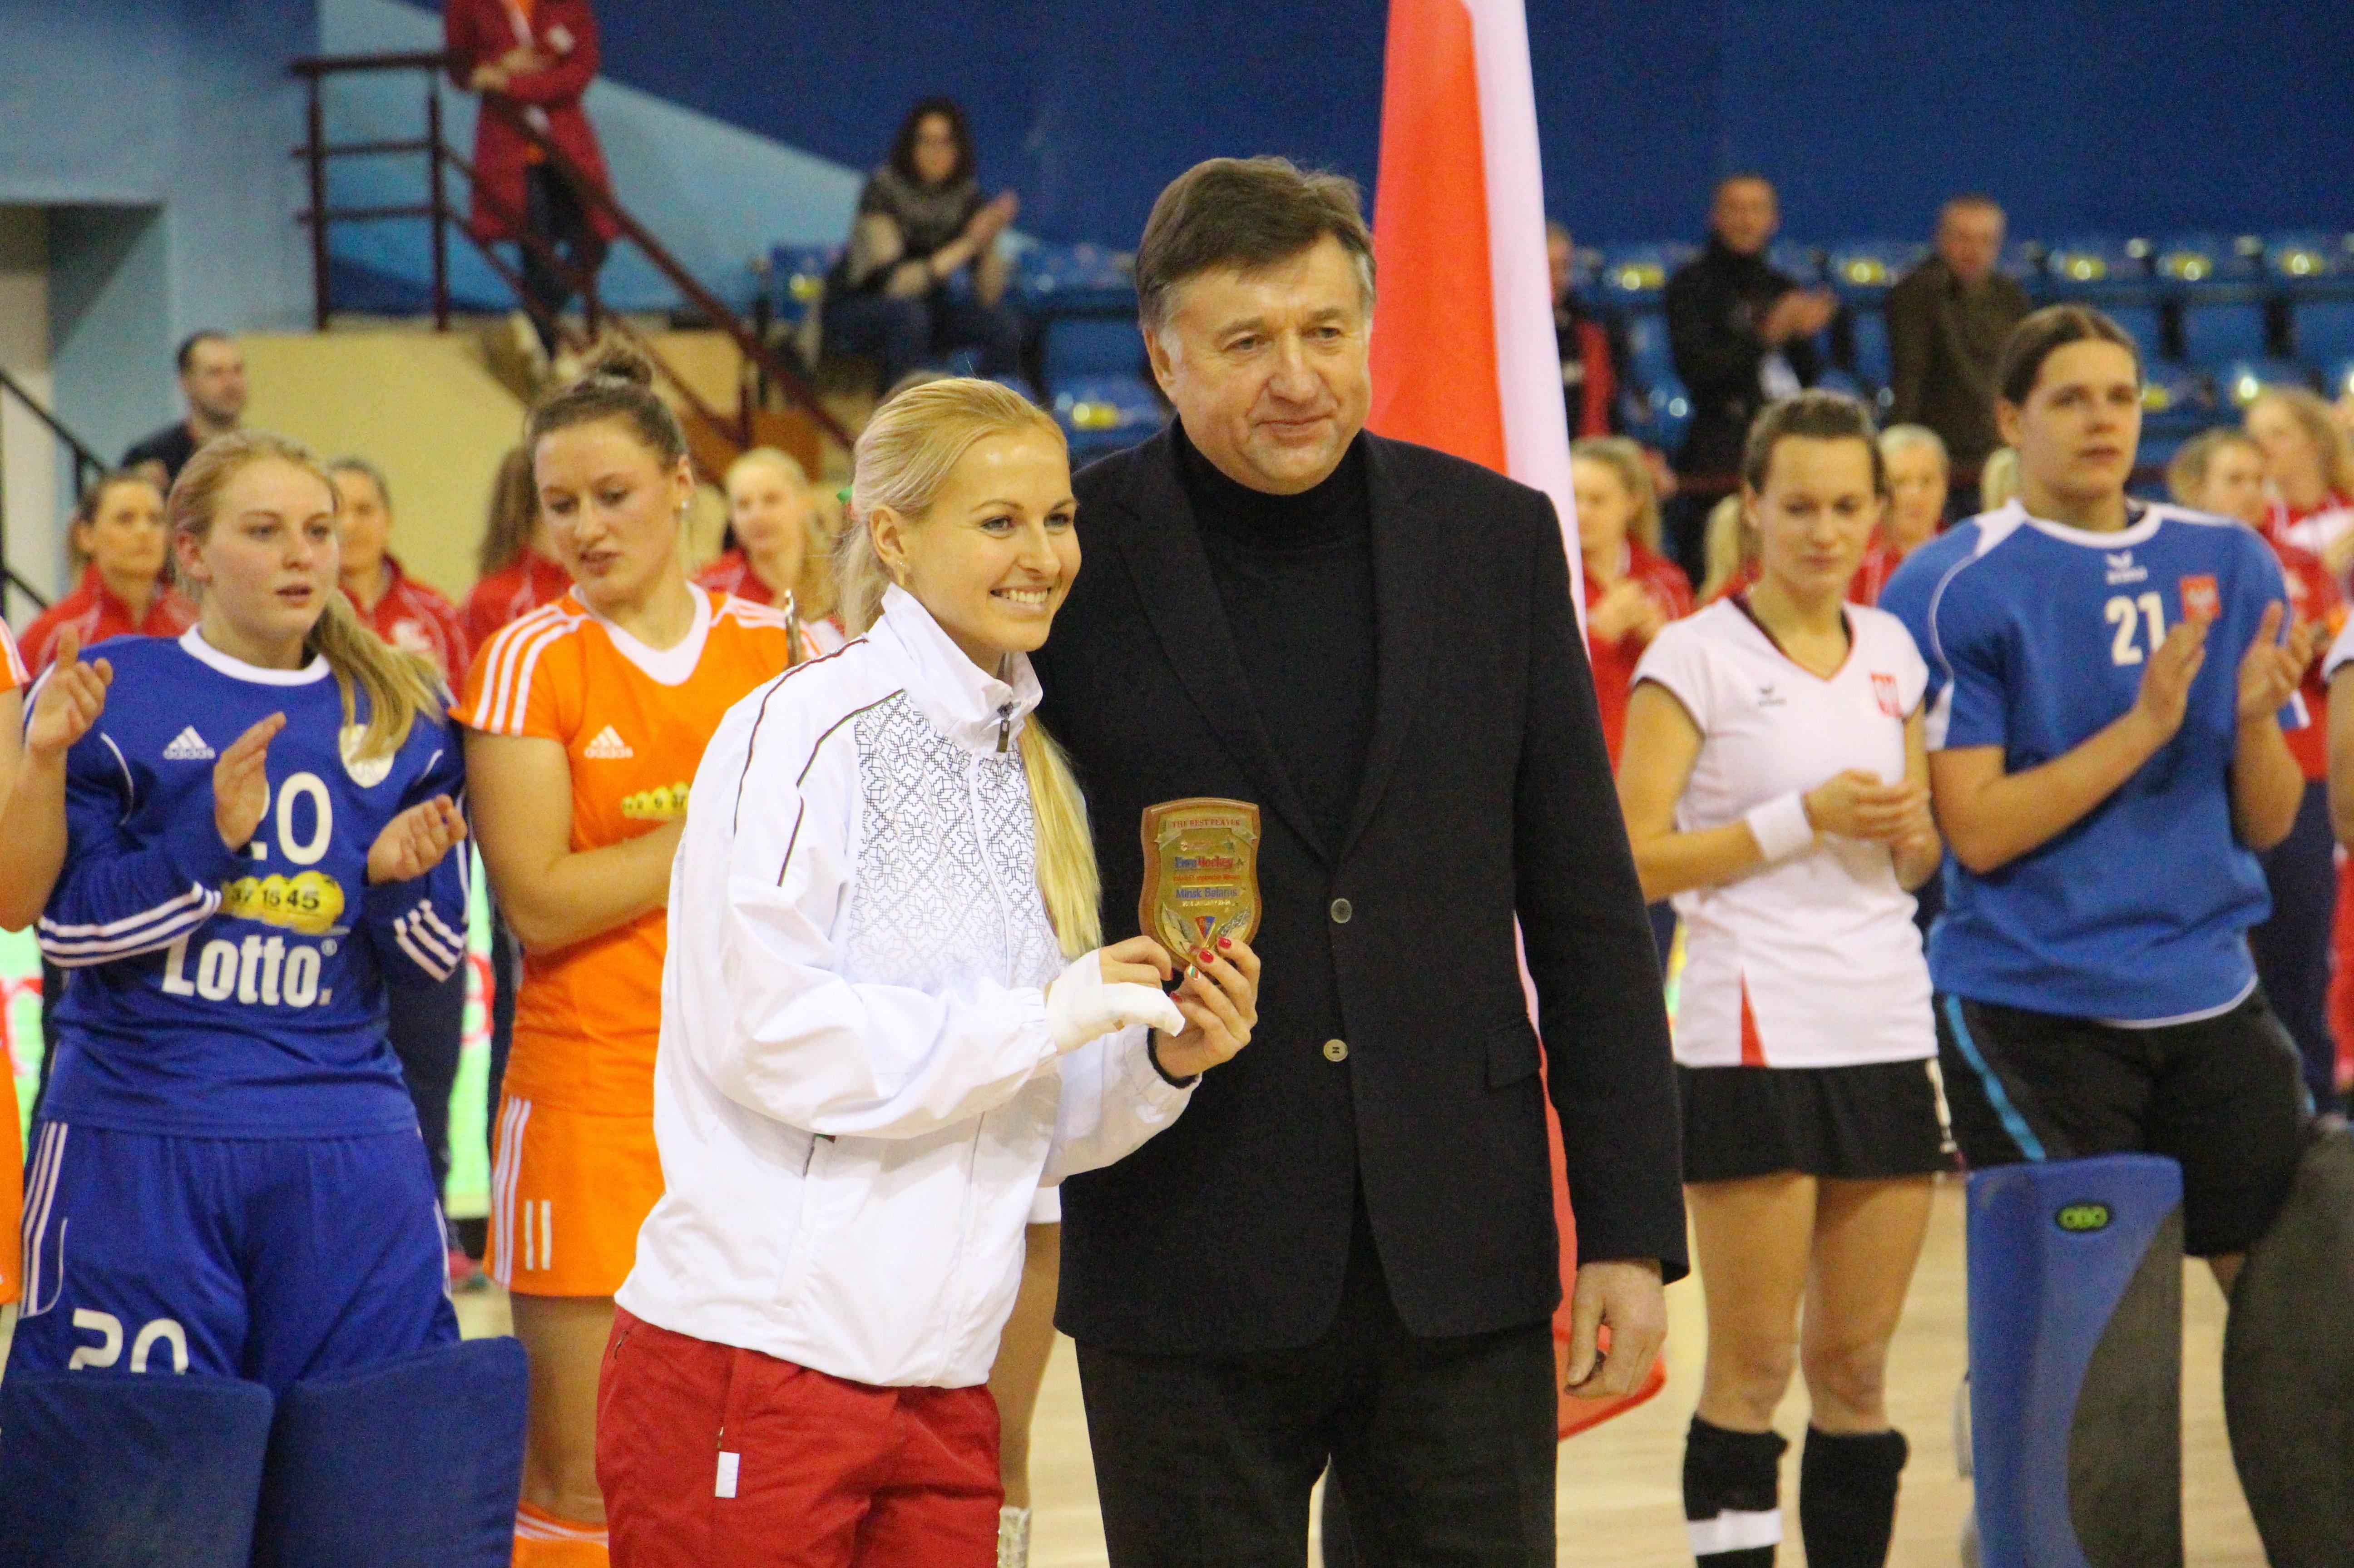 Лучший игрок чемпиона Крестина Попко и председатель Белорусской федерации хоккея на траве Валерий Иванов